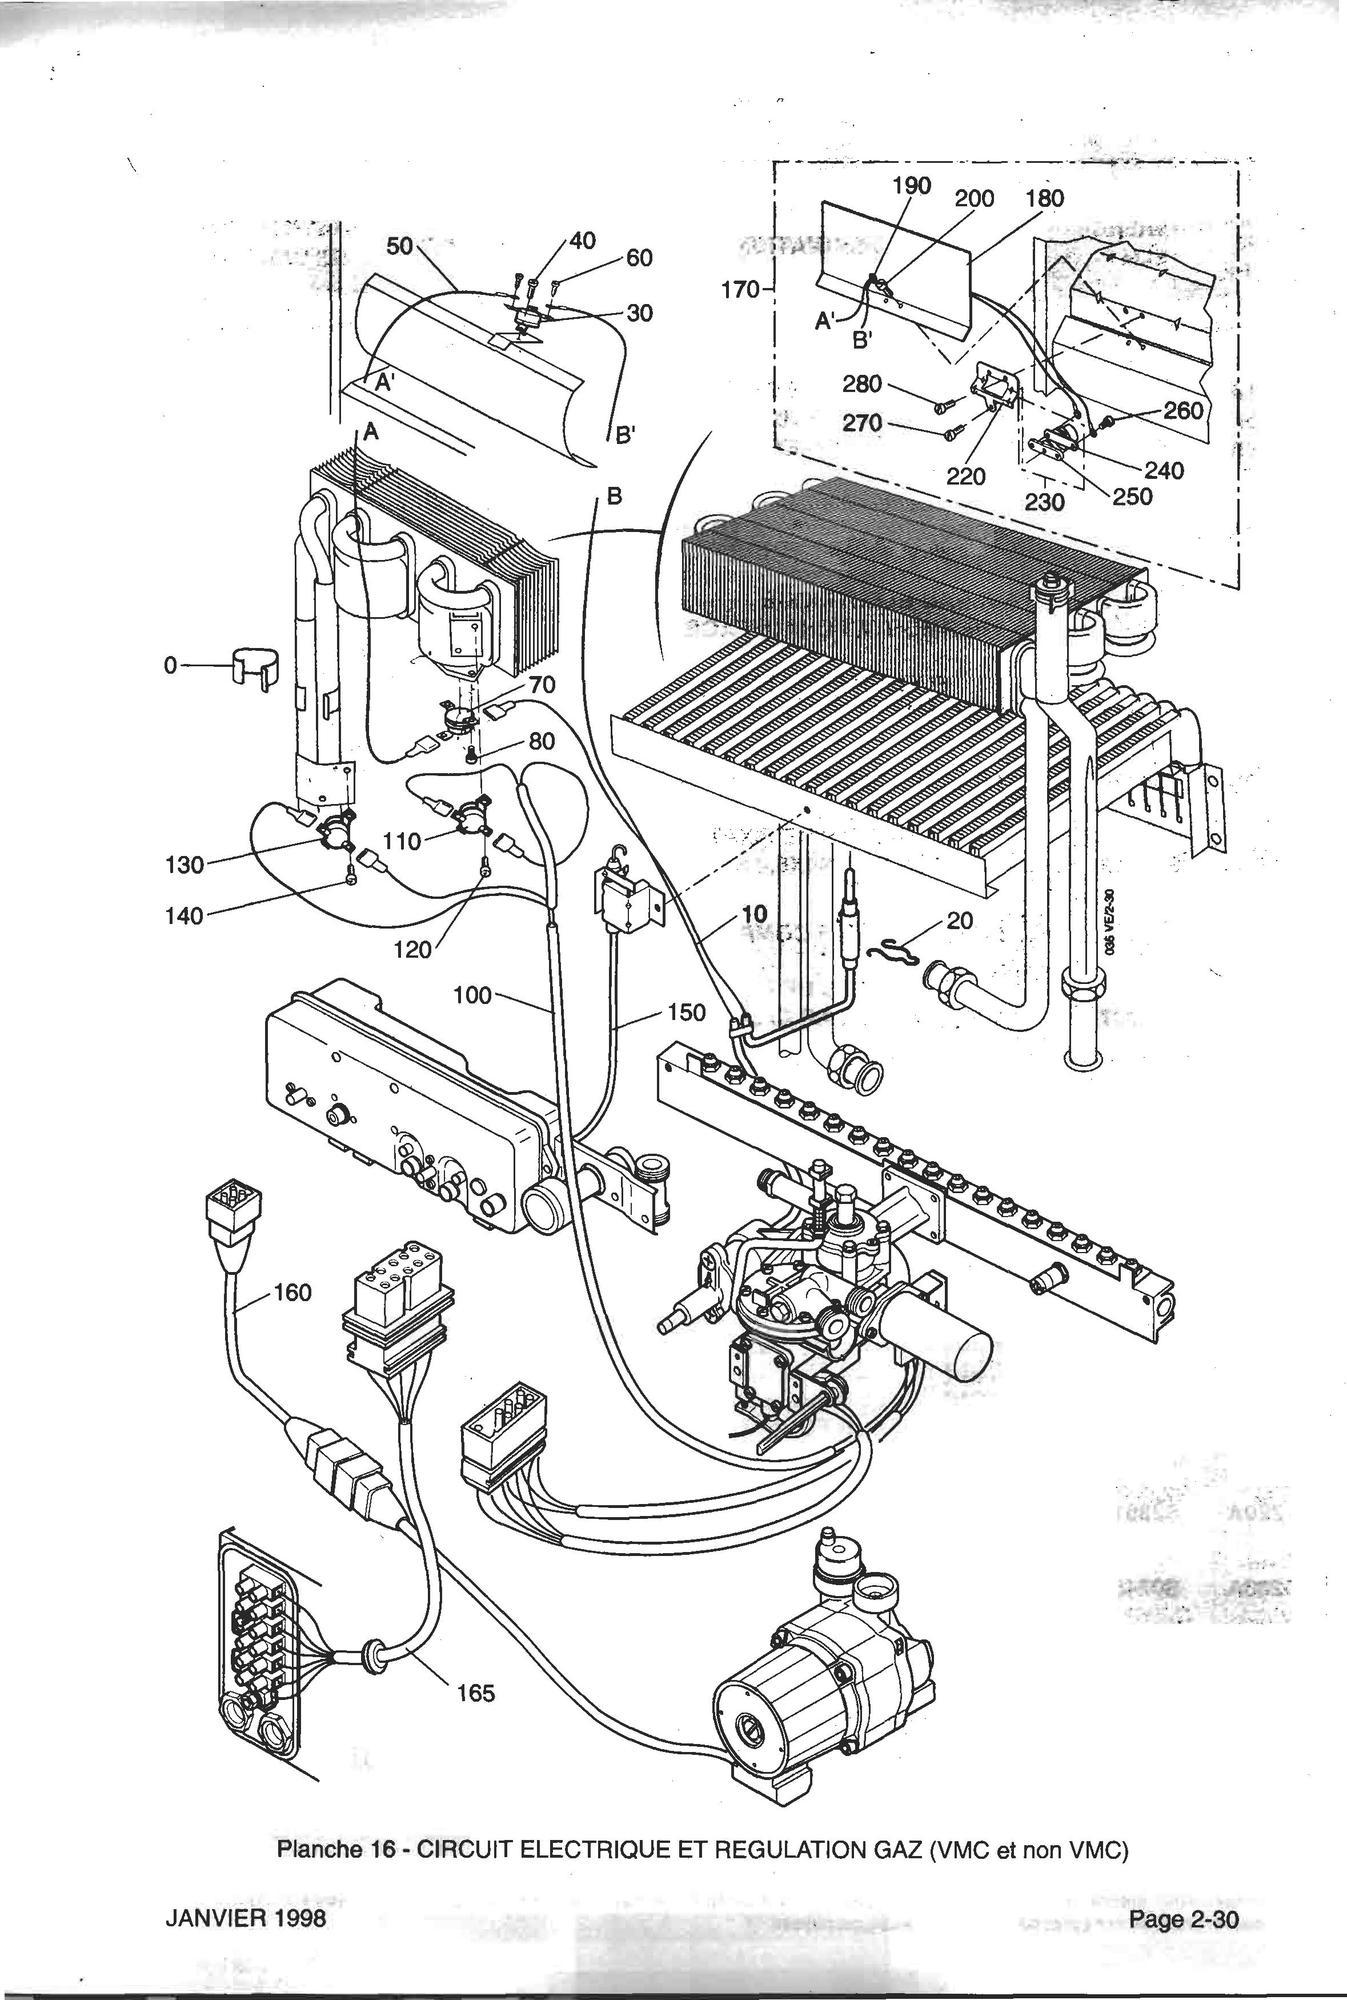 recherche directe dans la vue clat e de l 39 article elm leblanc thermocouple 5 30 droit. Black Bedroom Furniture Sets. Home Design Ideas